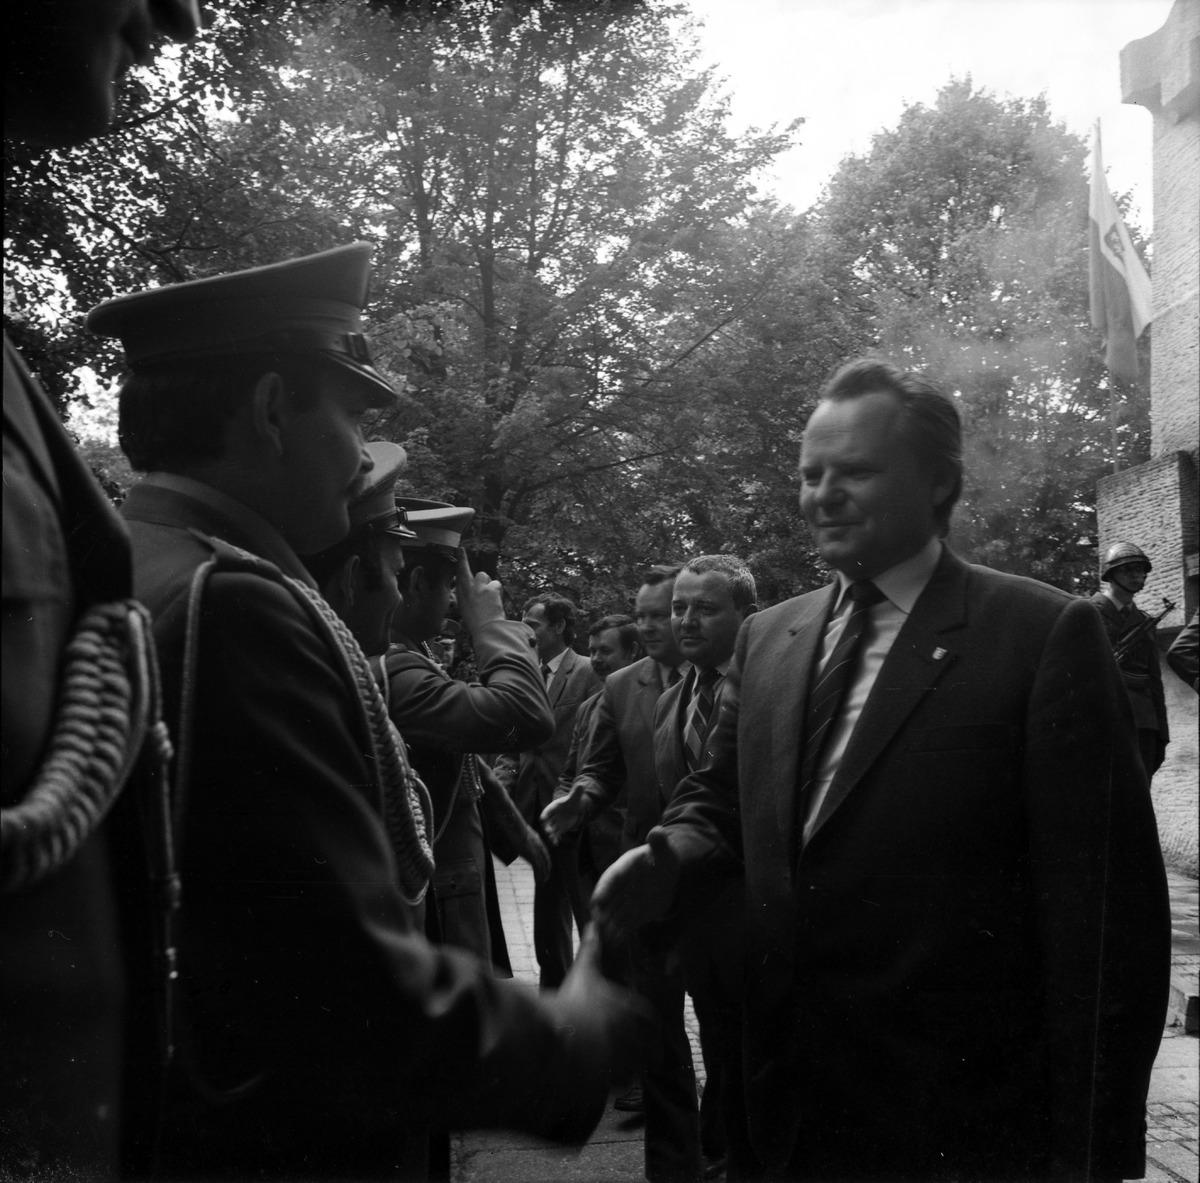 Delegacja ZSRR na cmentarzu żołnierzy radzieckich [9]